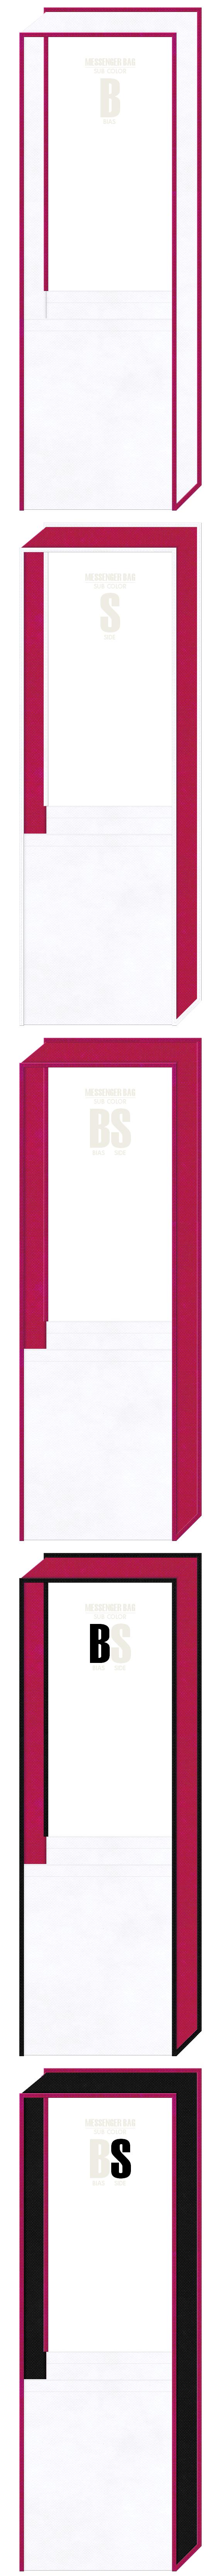 女子アスリート・スポーツイベントにお奨め:白色・濃ピンク色・黒色の3色を使用した、不織布メッセンジャーバッグのデザイン